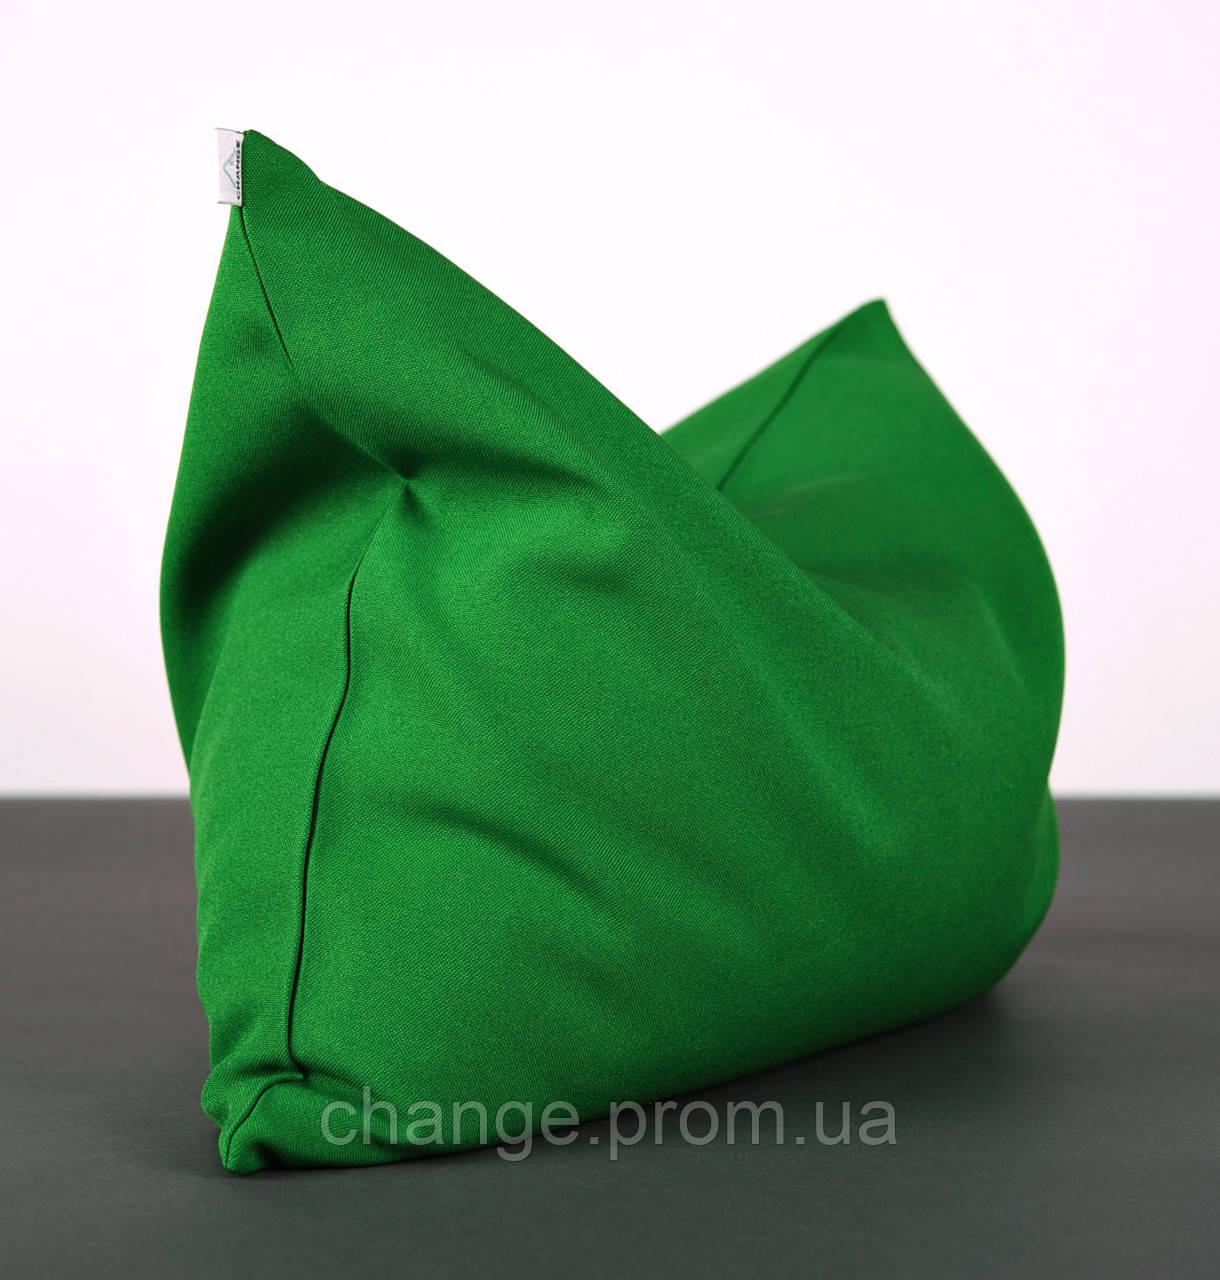 Подушка расслабляющая под голову - TM CHANGE - товары для дома, отдыха и занятия спортом в Киеве